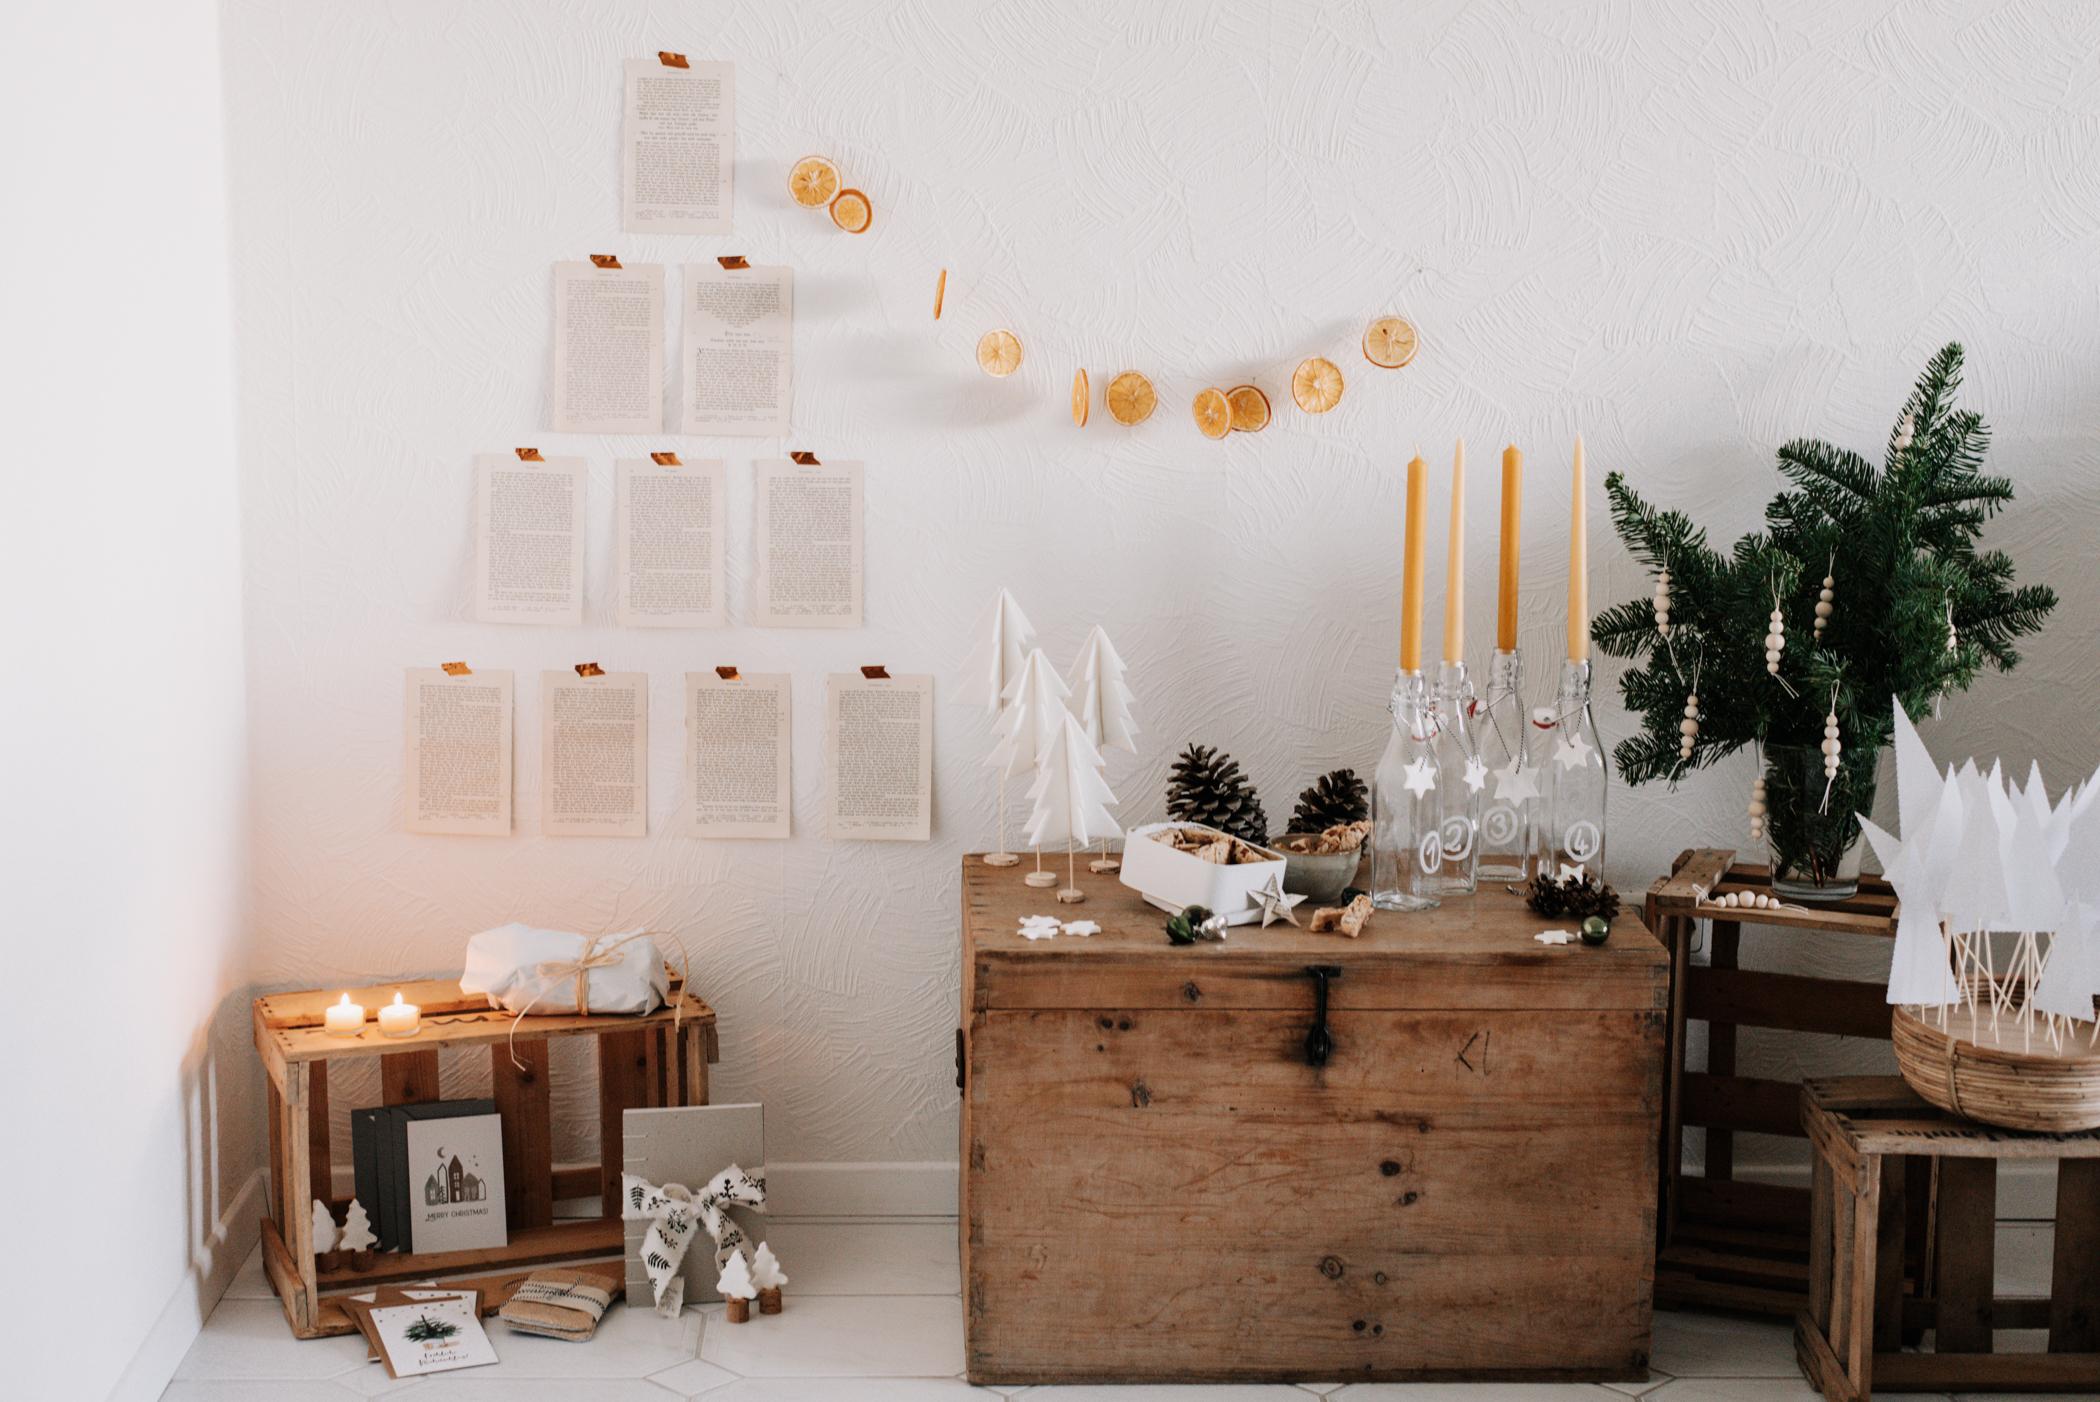 Mehr als 20 Ideen für die Adventszeit zu Hause voller Besinnlichkeit und Vorfreude auf Weihnachten. DIYs, Rezepte, Geschenke, Backideen, uvm